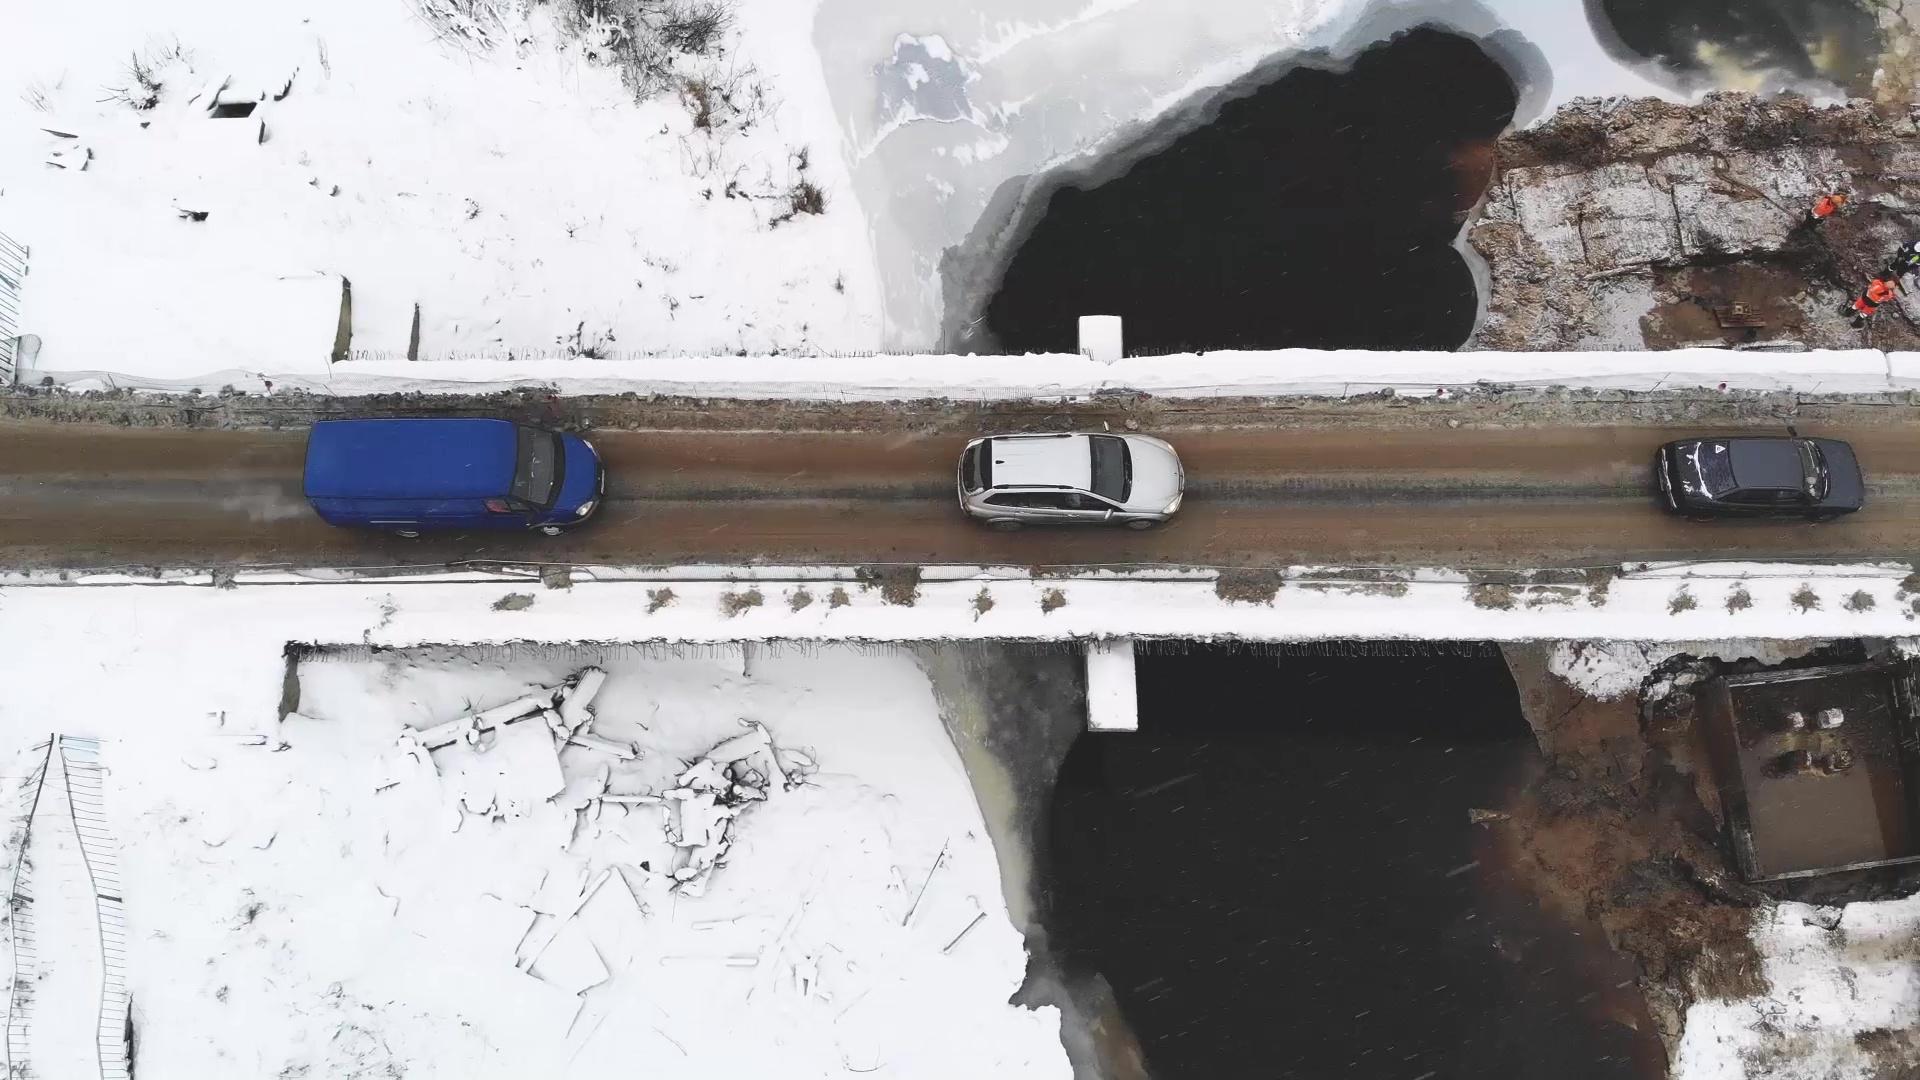 Переправа жизни: в Большесельском районе оценили ход работ на мосту через реку Юхоть